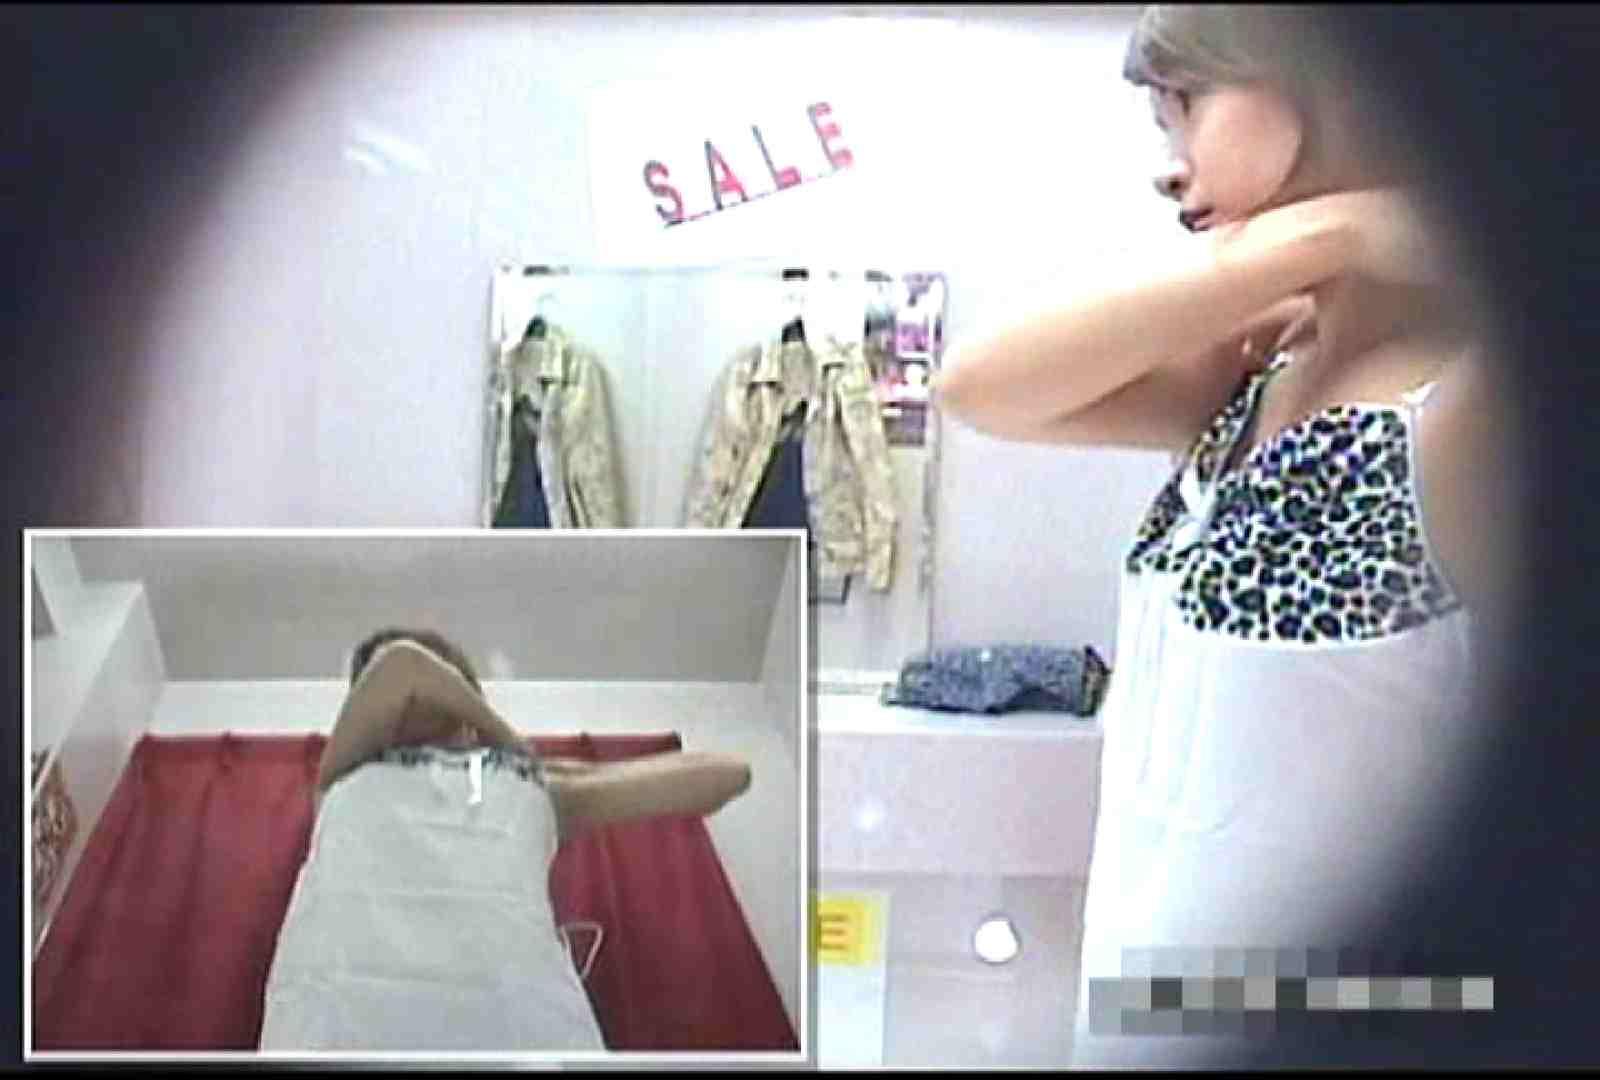 ショップ店長流出!!変態下着を買い漁る女達!Vol.1 お姉さんヌード  68画像 36